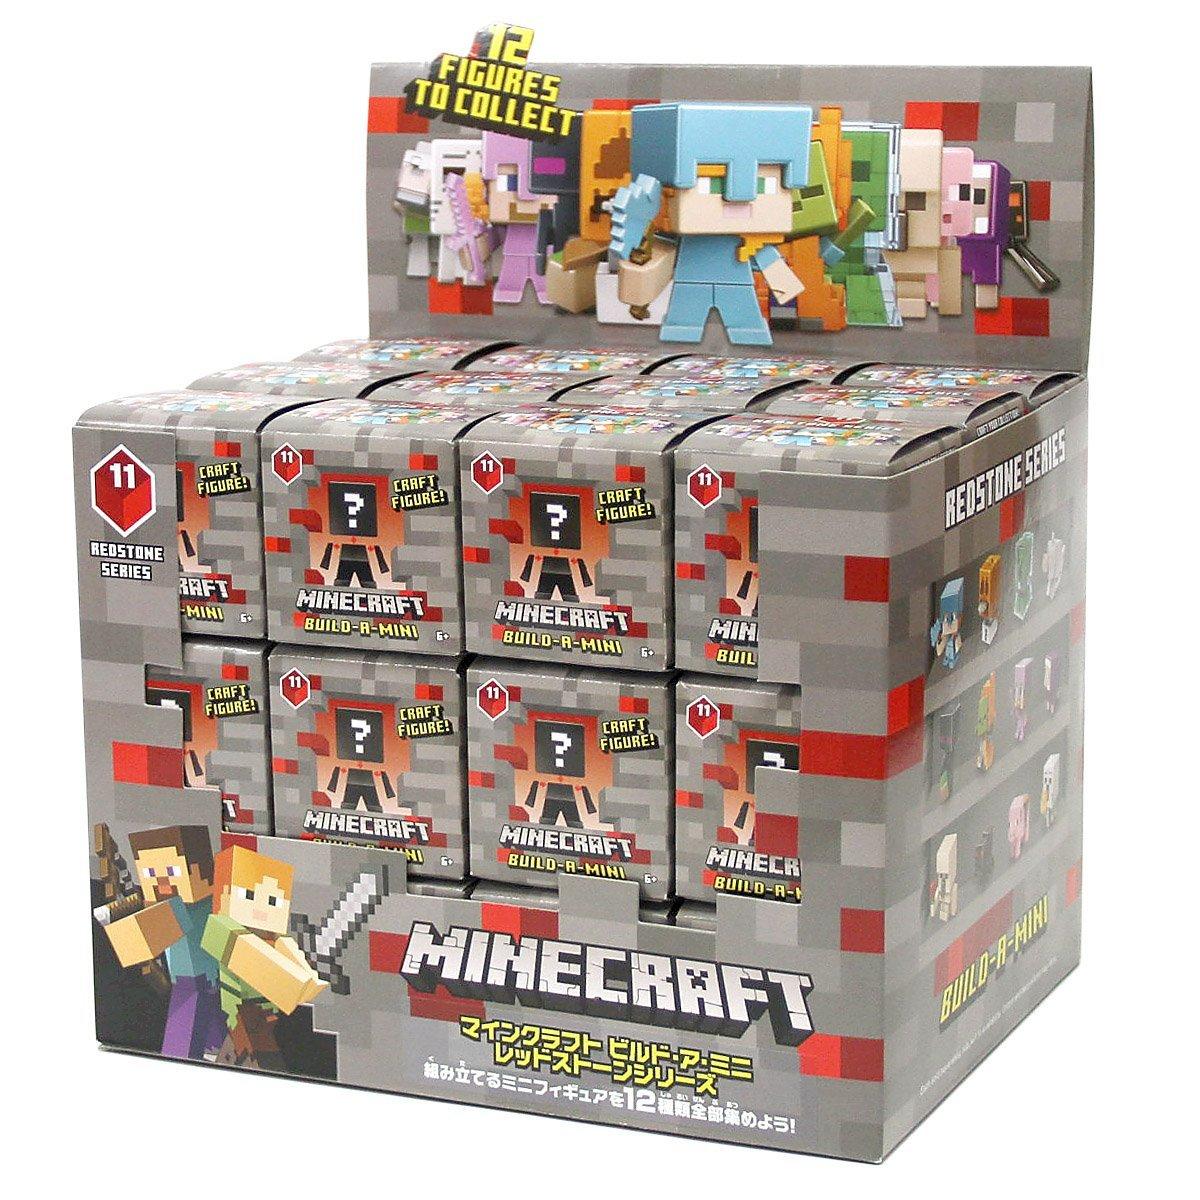 マインクラフト ミニフィギュア ビルド・ア・ミニ レッドストーンシリーズ 36個入りBOX マイクラ